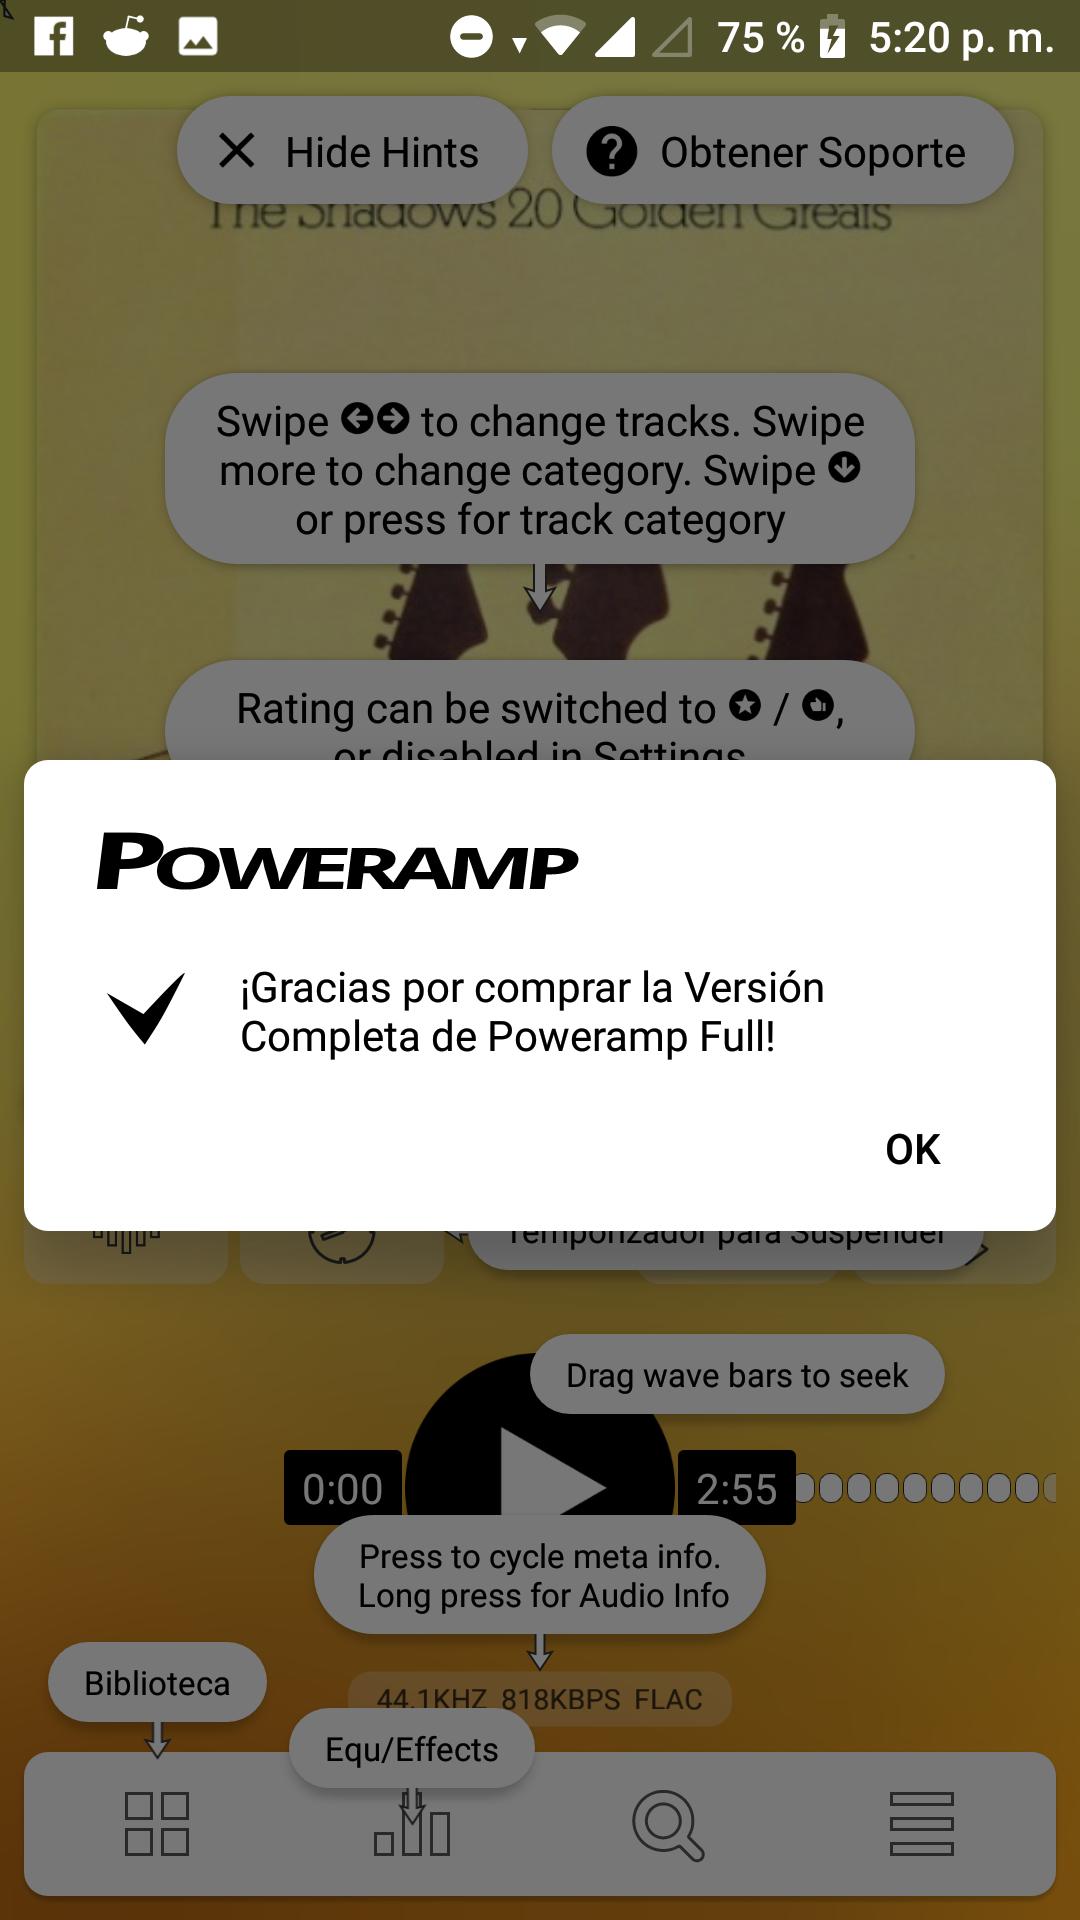 Solución a notificación rara de Poweramp en Android Oreo (8